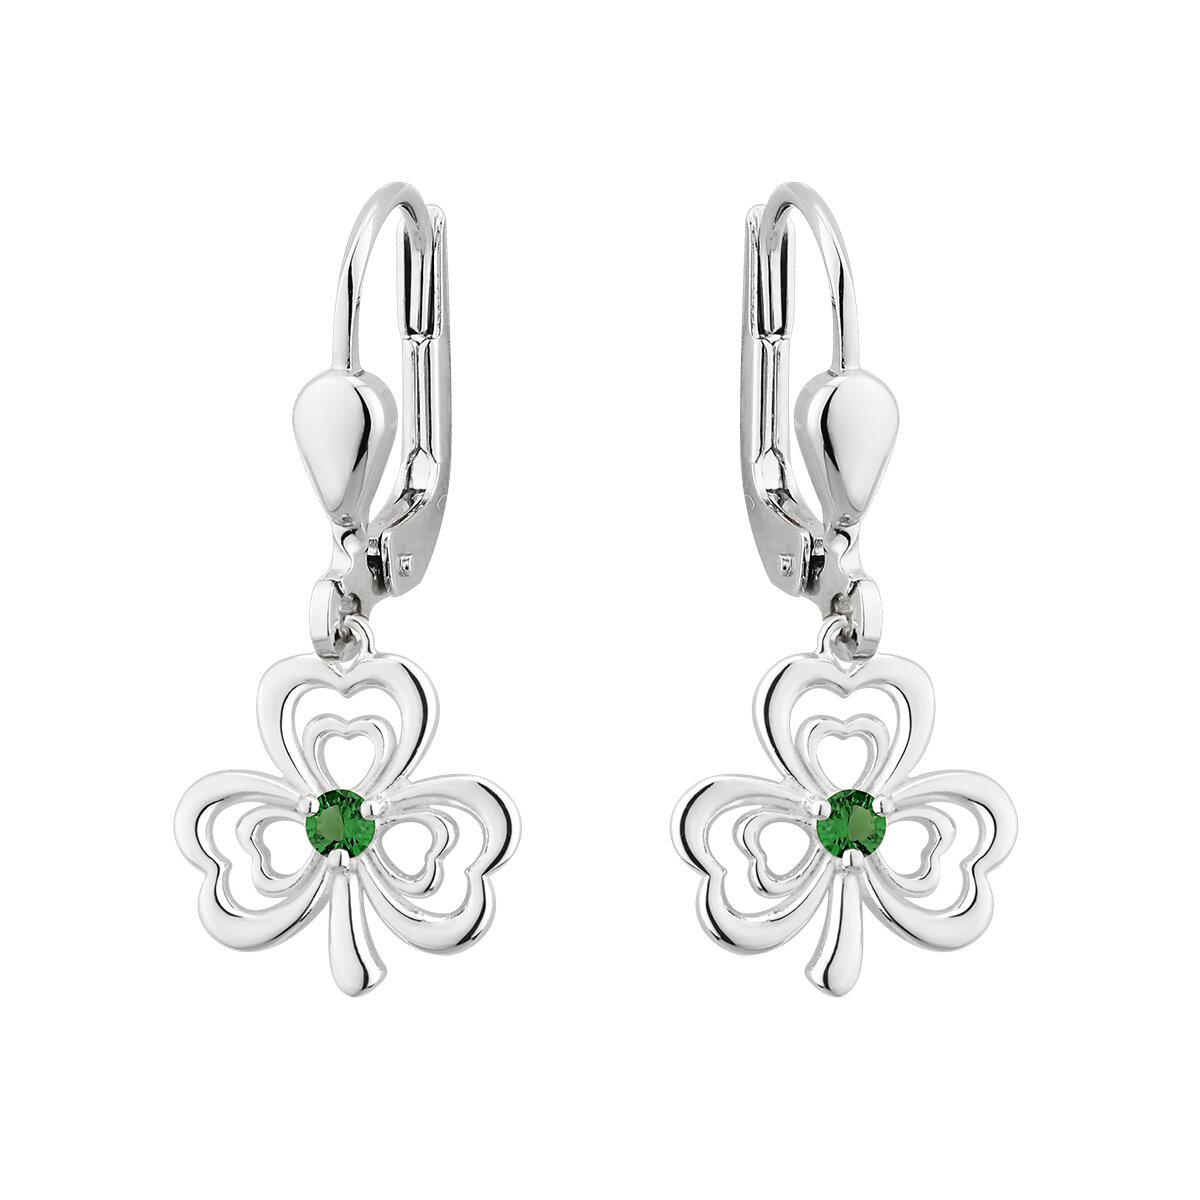 sterling silver green crystal shamrock drop earrings s33913 from Solvar